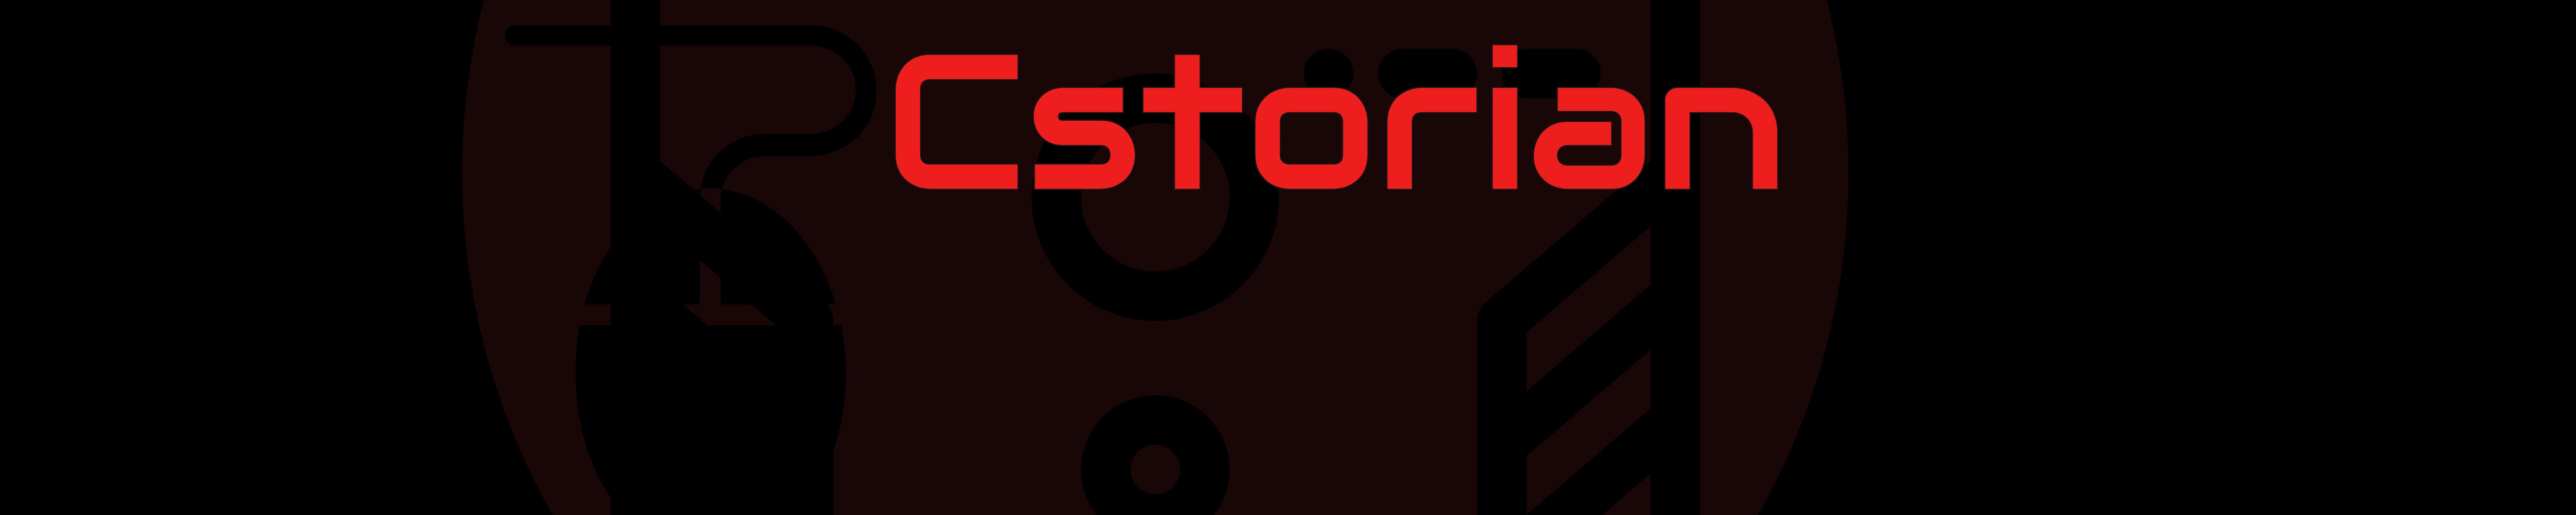 PCstorian LLC